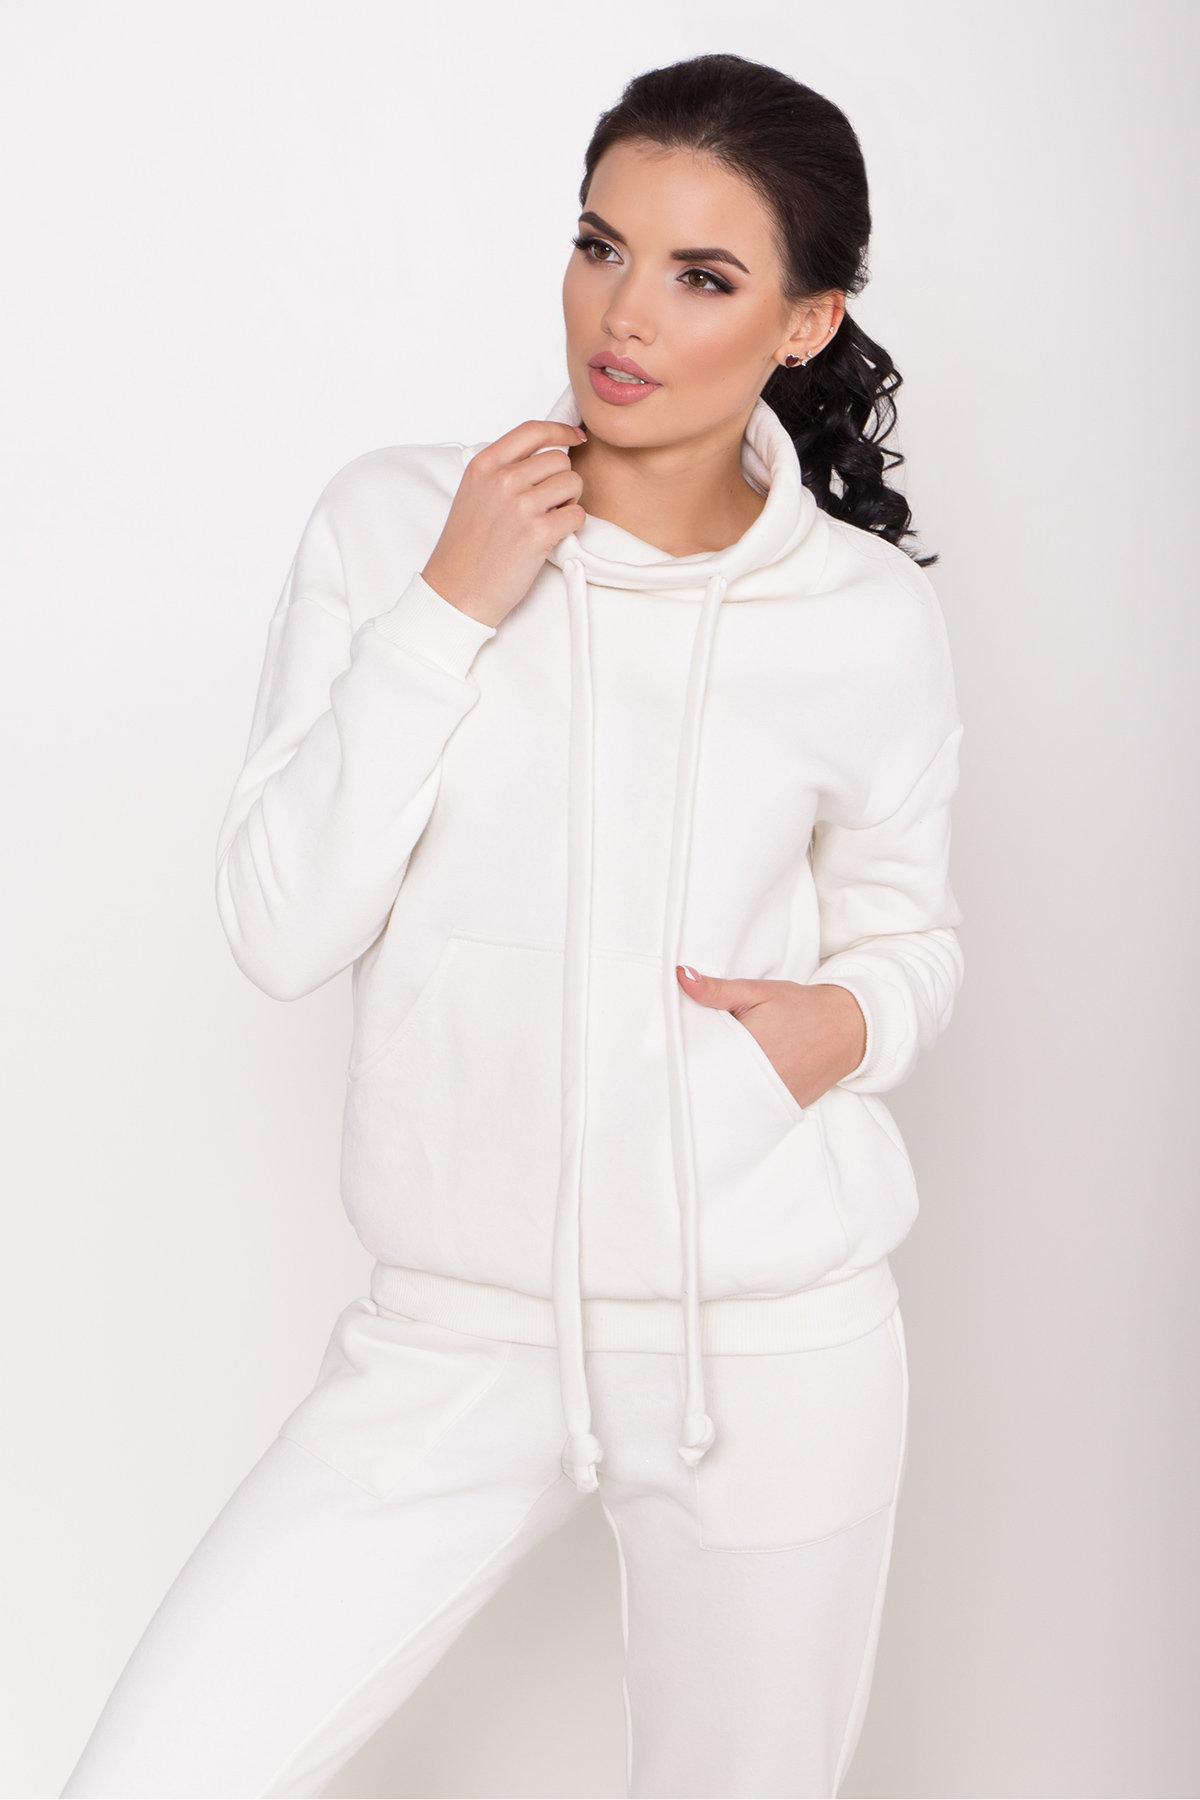 Стильный трикотажный костюм женский Фира 8590 АРТ. 44901 Цвет: Молоко - фото 2, интернет магазин tm-modus.ru